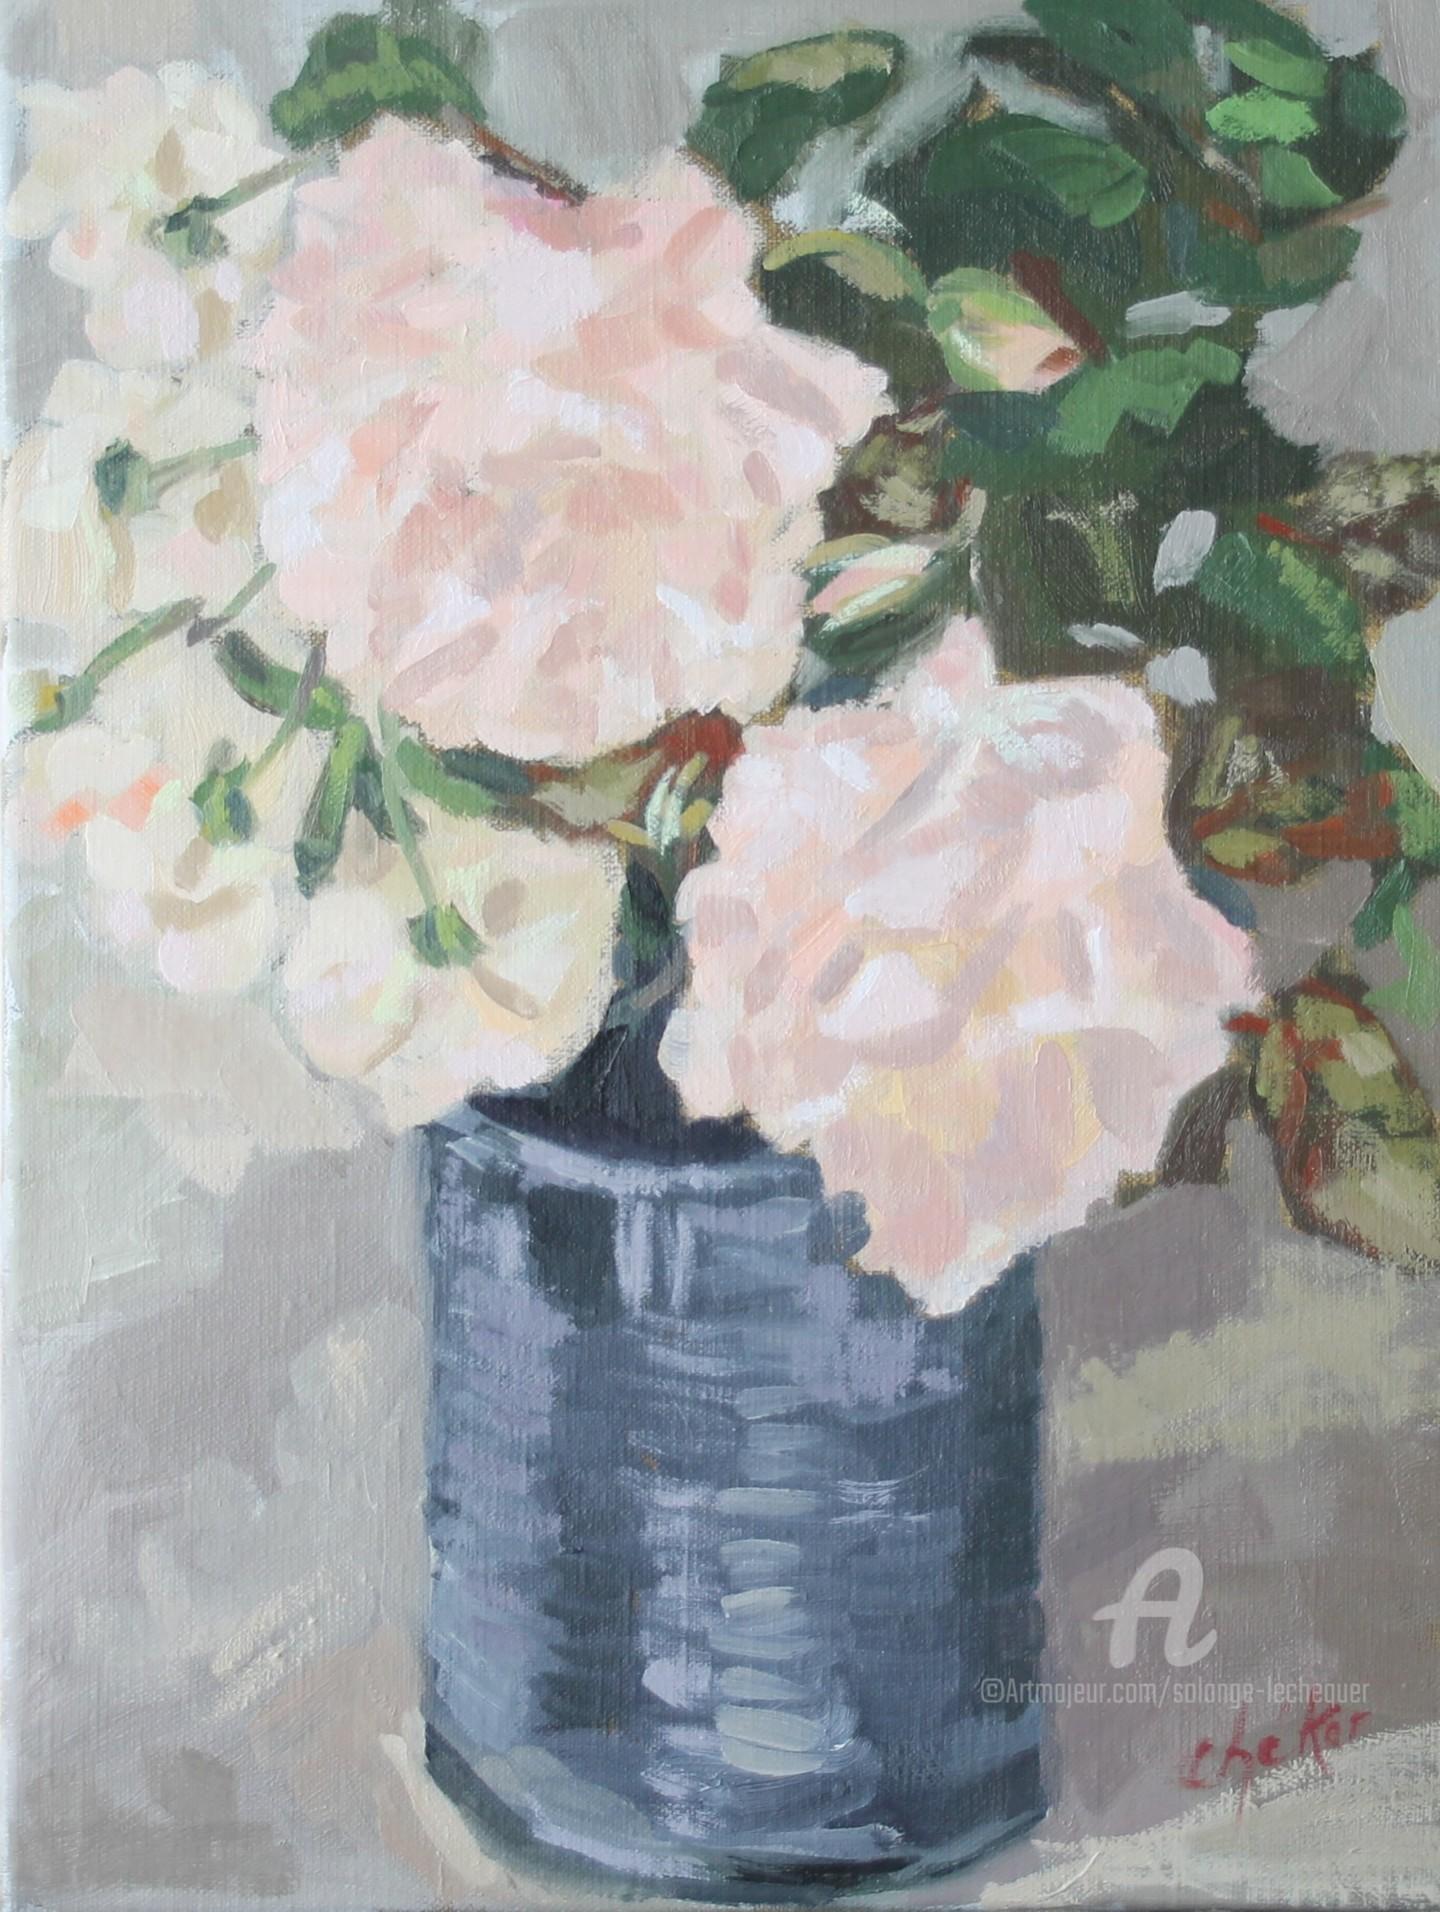 Chéker - Roses Gruss an Aachen et Ghislaine de Féligonde